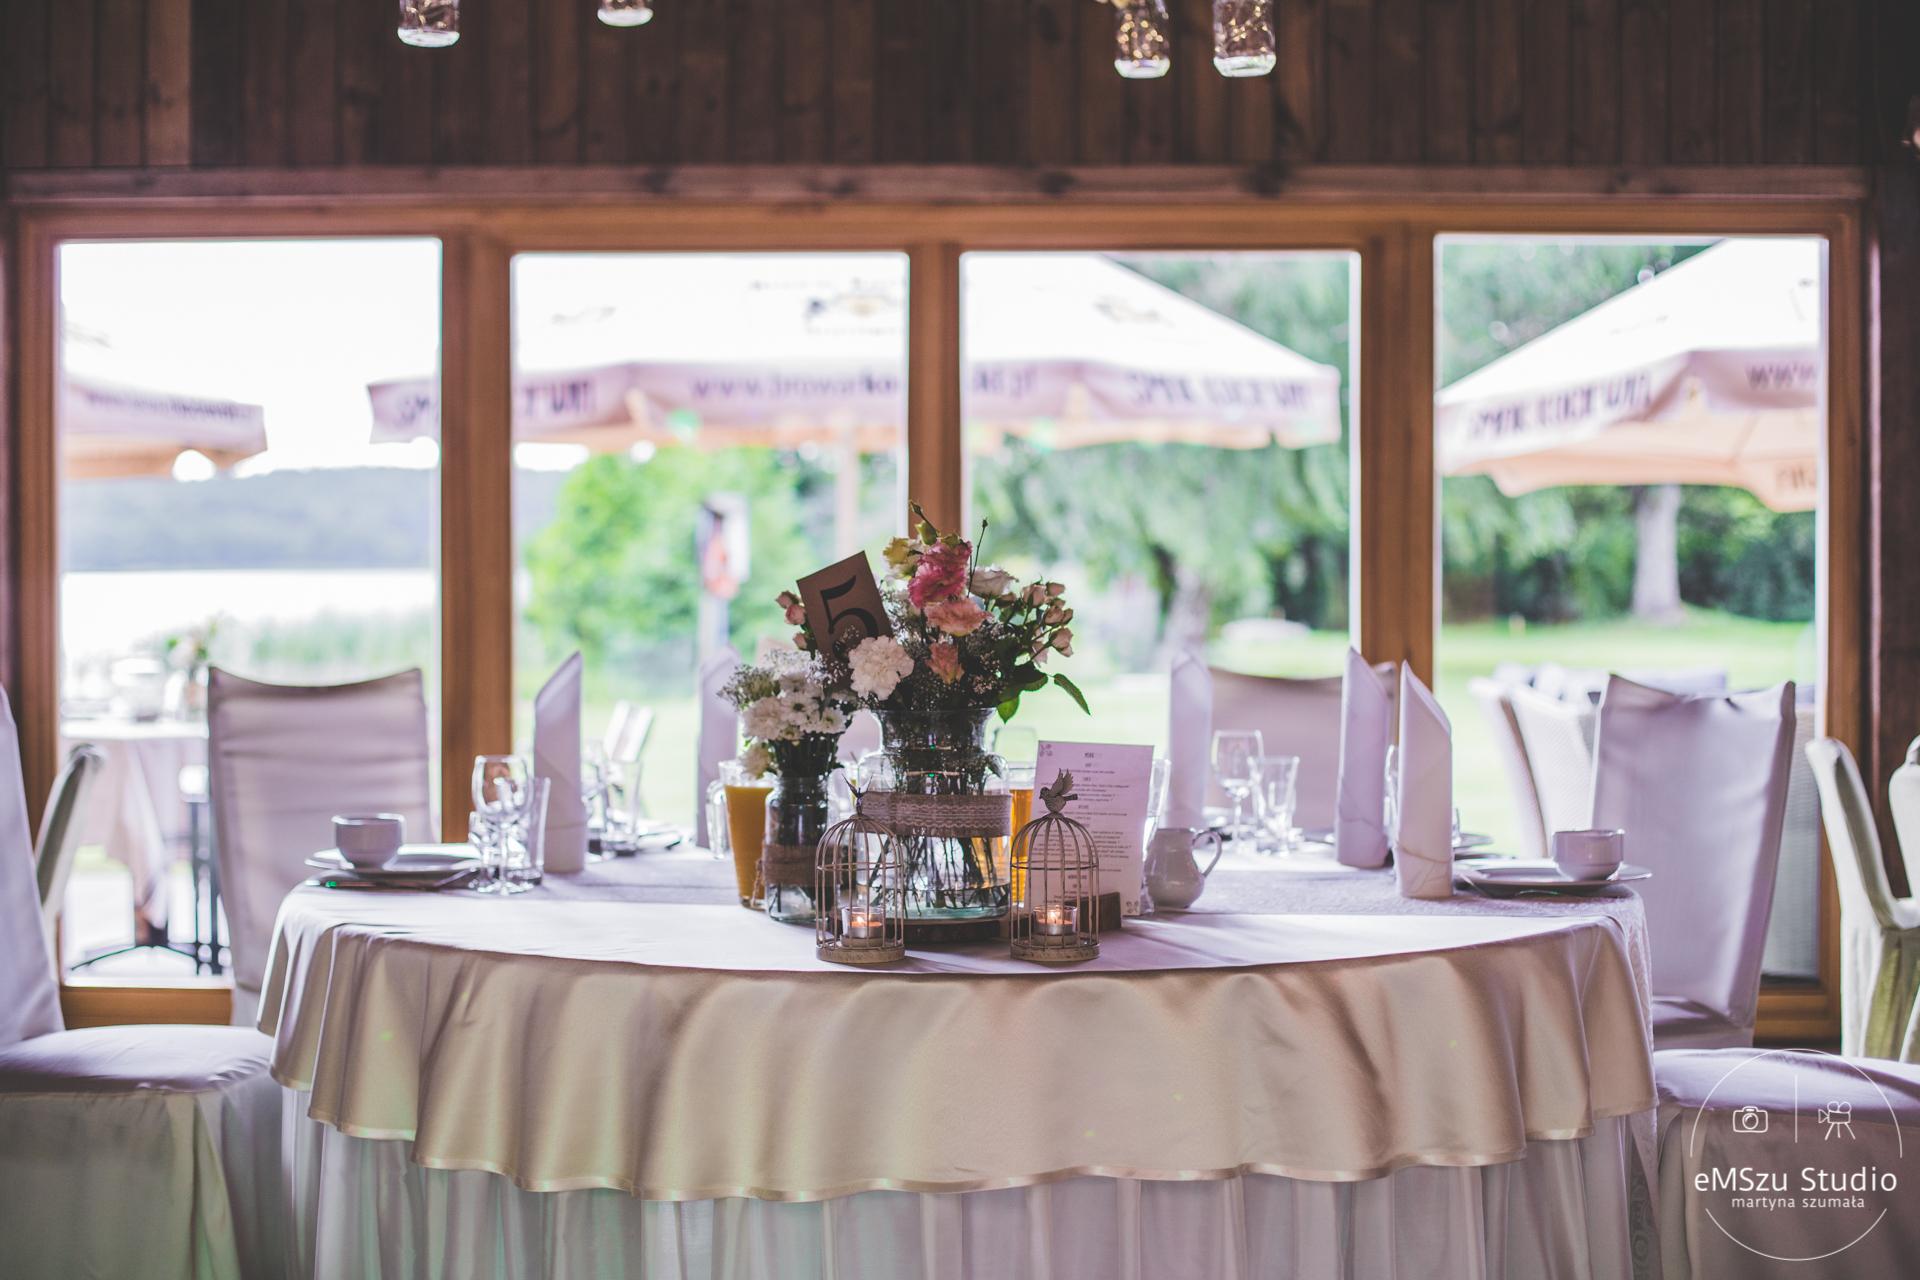 sala weselna, wystrój sali weselnej, okrągłe stoły na weselu, dekoracje weselne, dekoracje sali weselnej